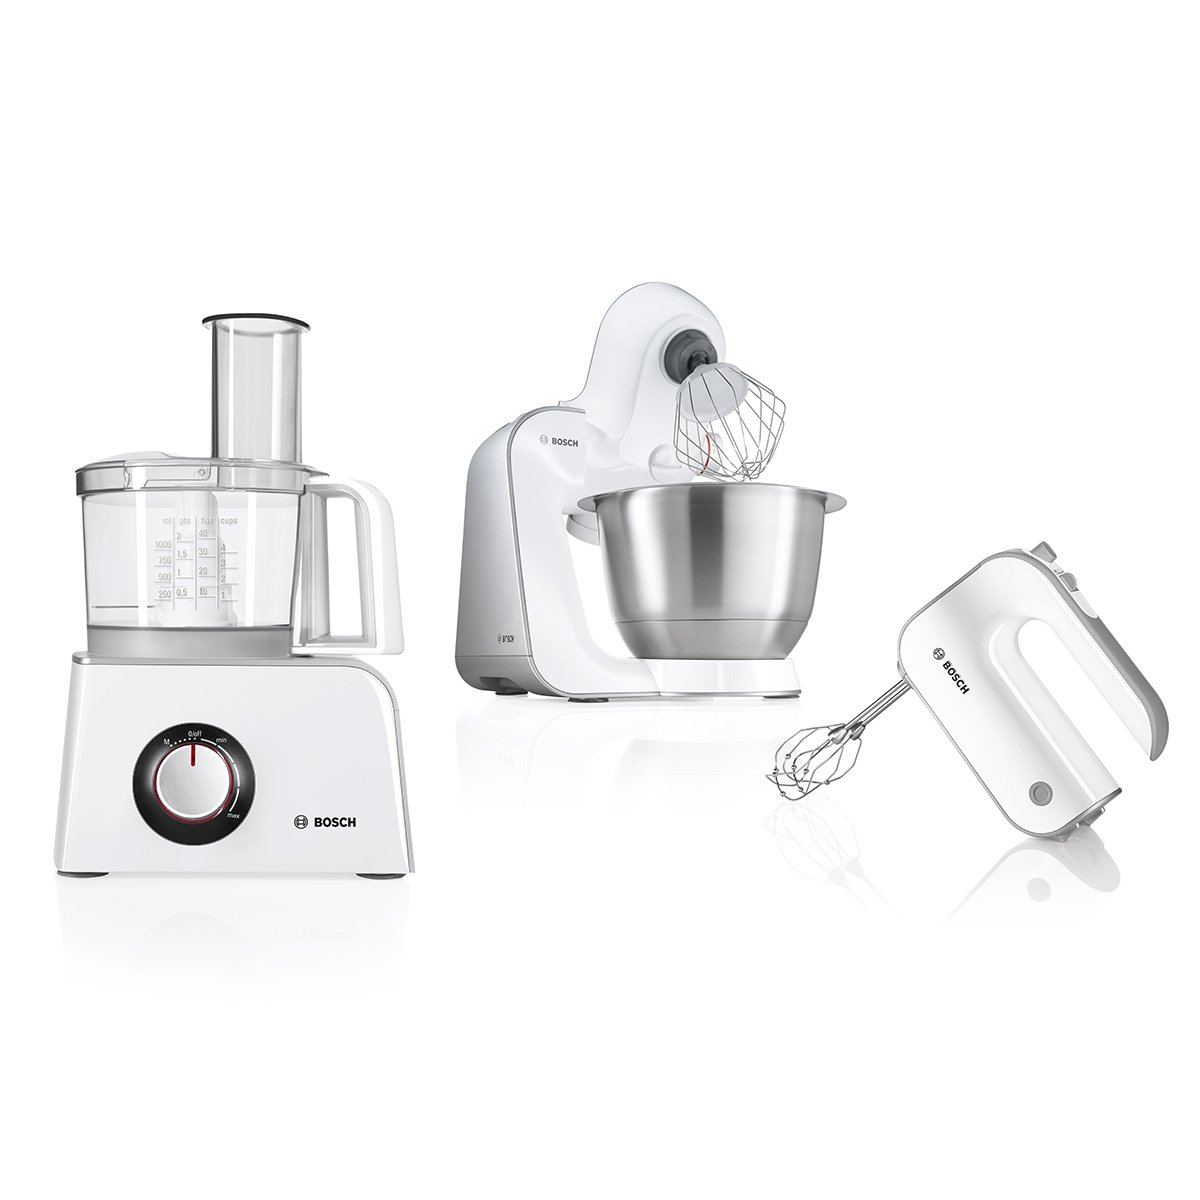 Bosch MCM4000, Blanco, 3629 g, Plástico, Acero inoxidable, Plástico, Acero inoxidable - Procesador de alimentos: Amazon.es: Hogar